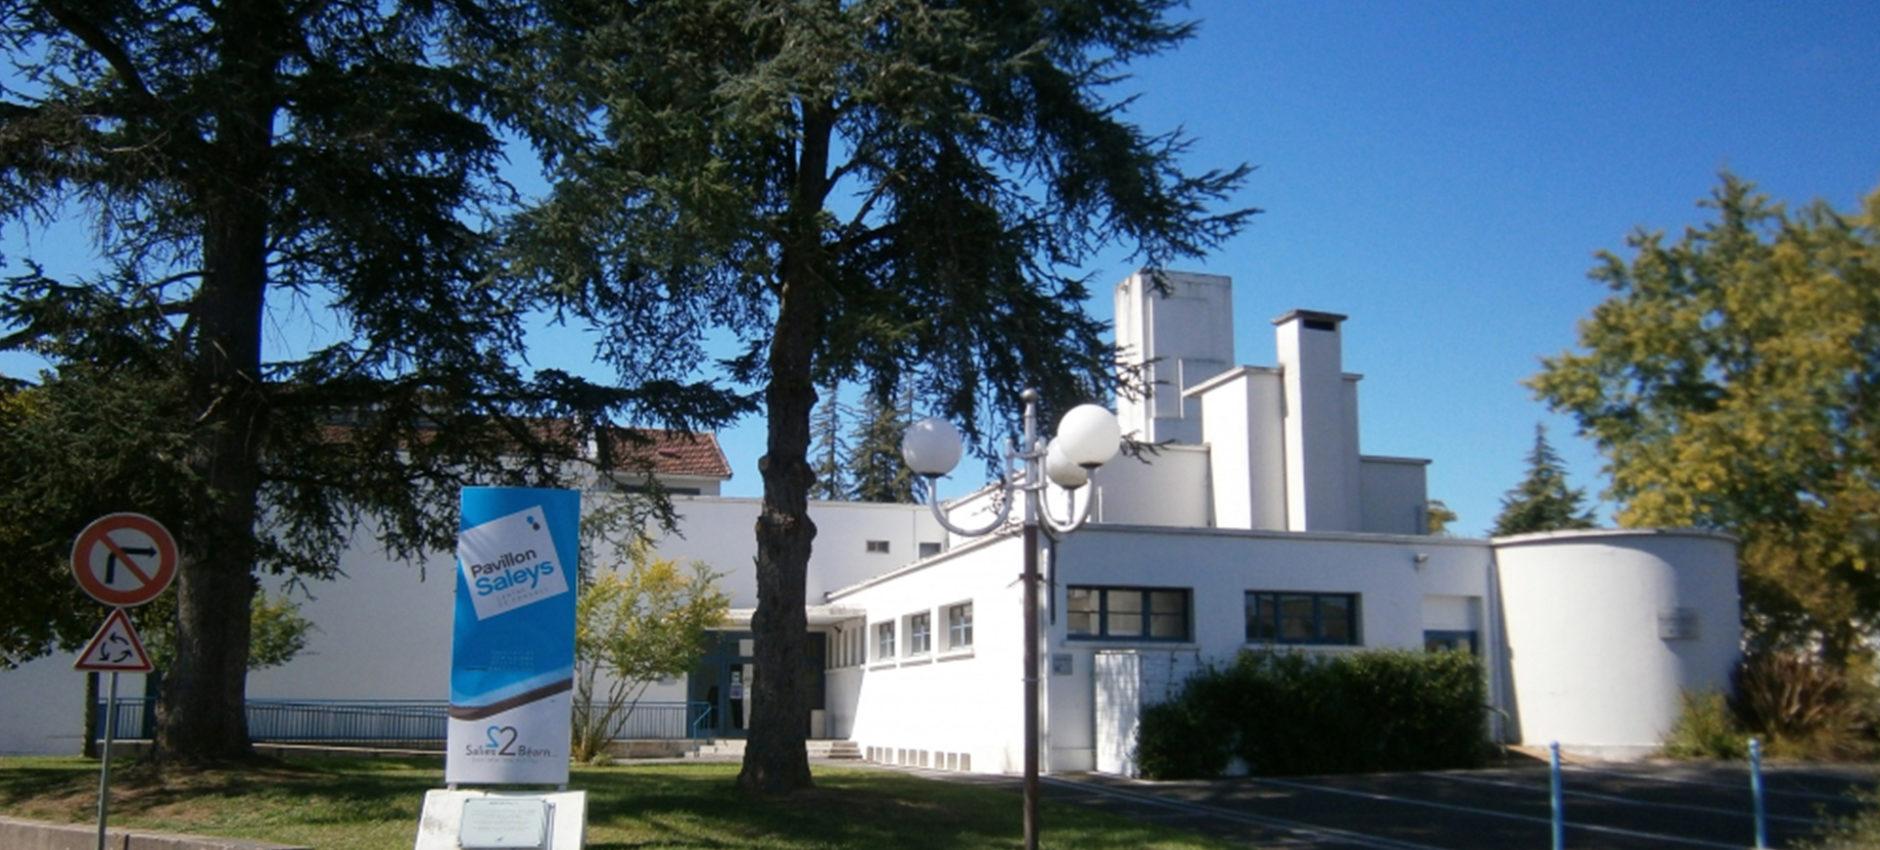 boca_architecture_projet_pavillon_saleys_02.jpg